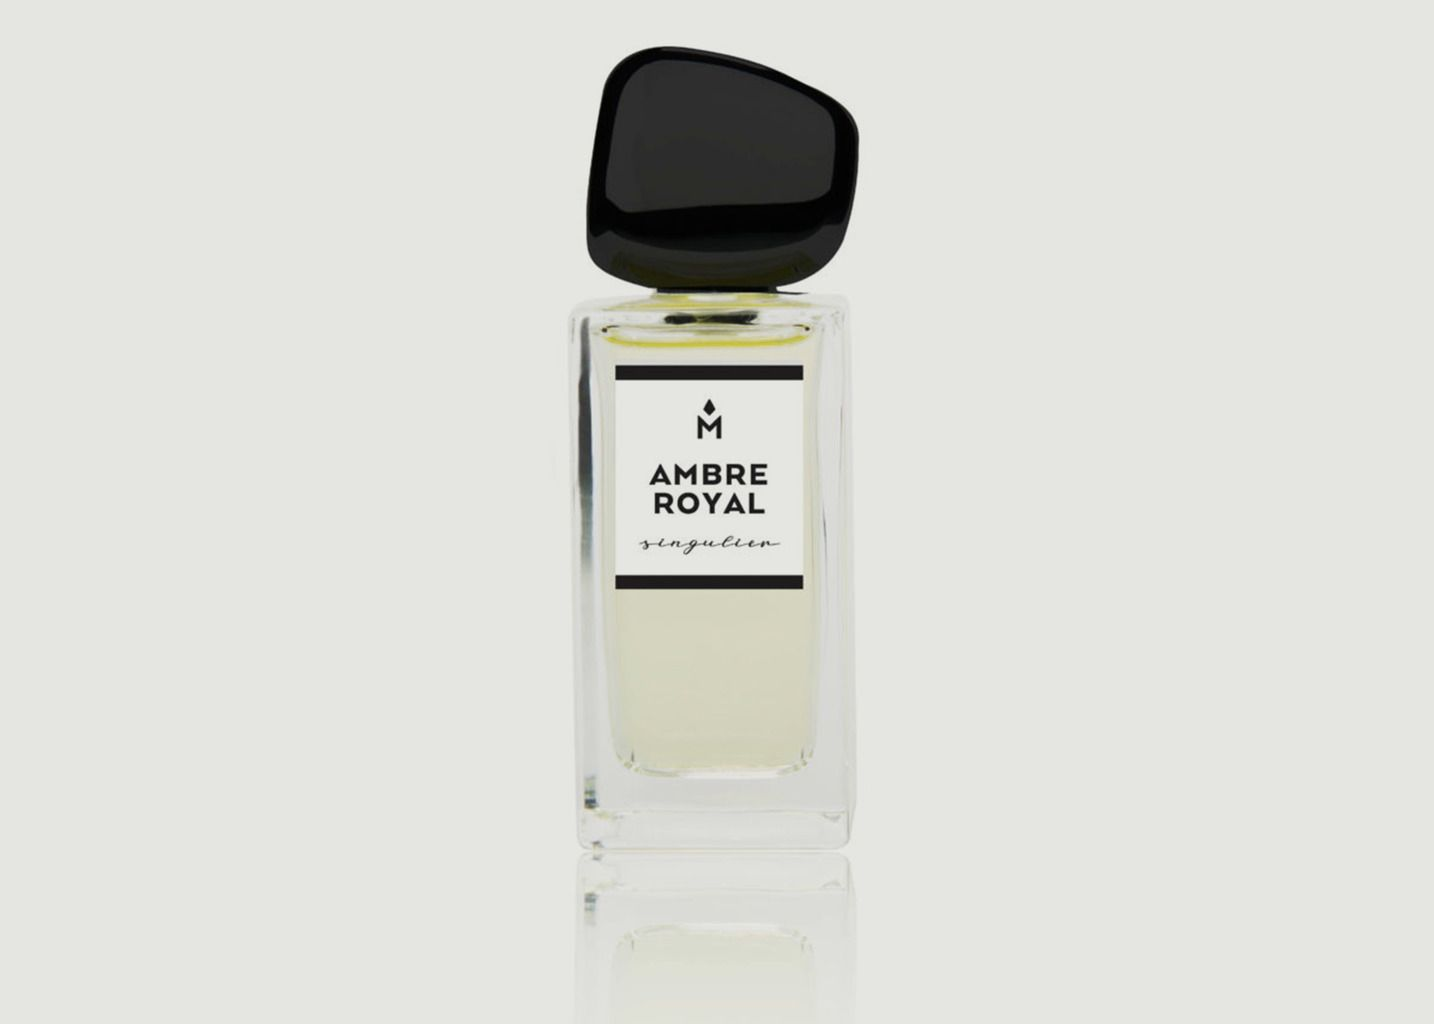 Parfum Ambre Royal 50 ml - Ausmane Paris